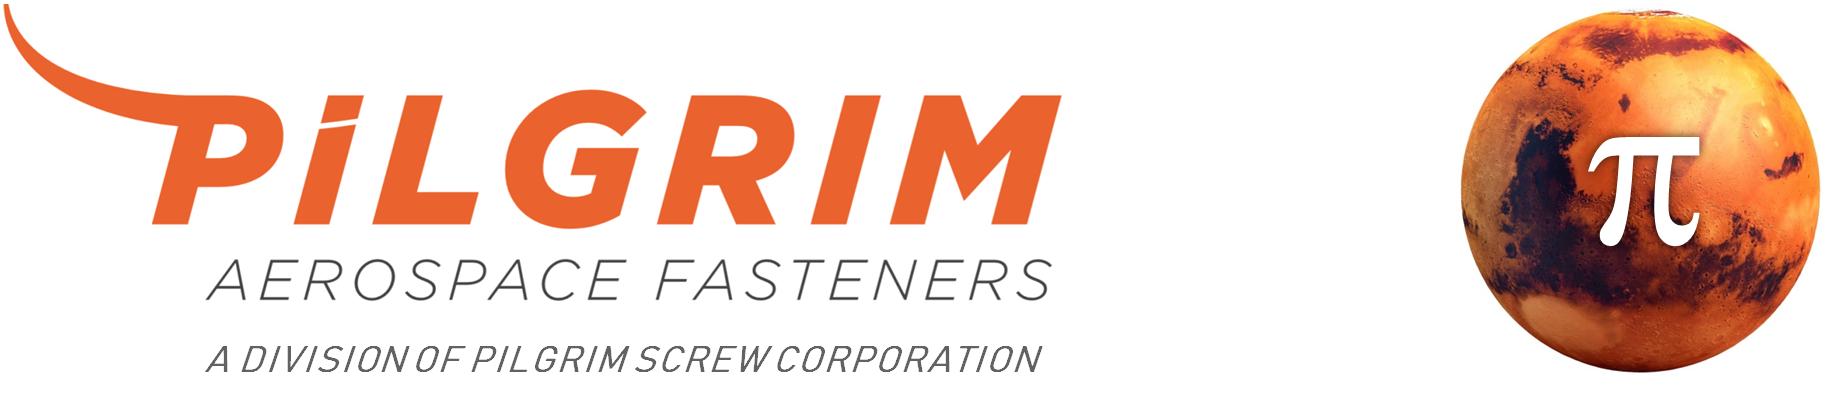 Pilgrim Aerospace Fasteners